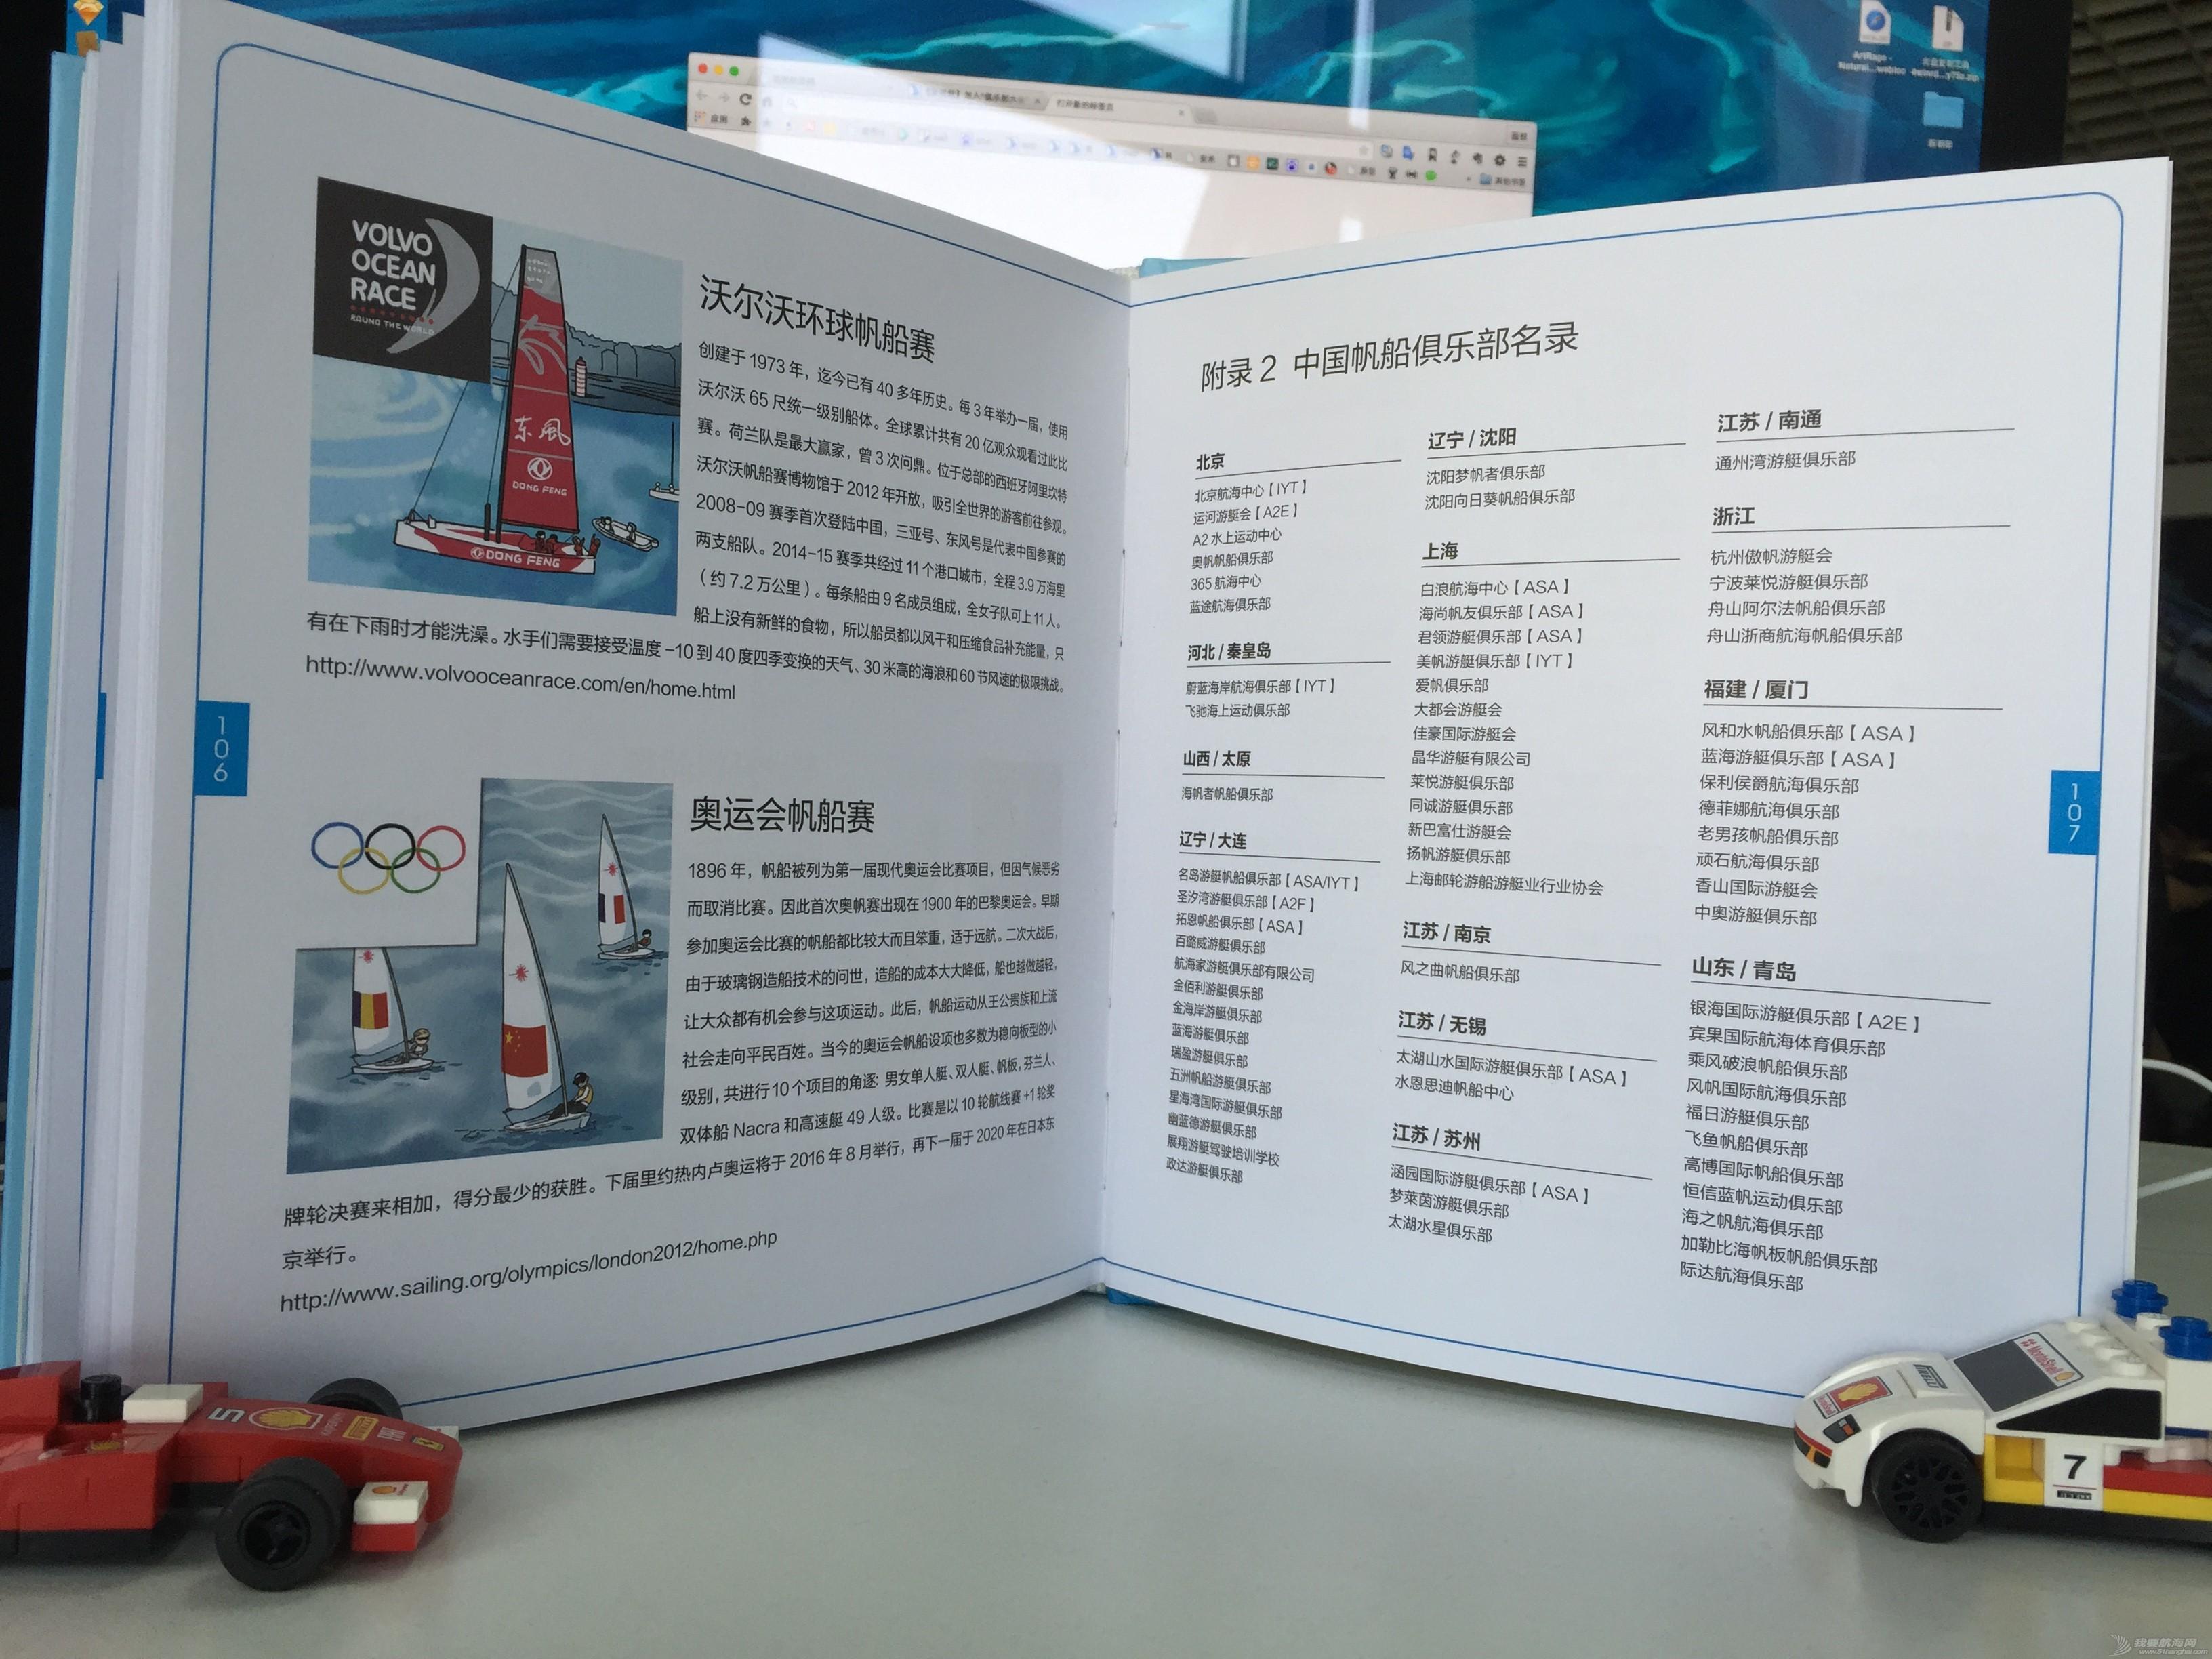 俱乐部,航海,游艇,帆船,中心 中国帆船游艇俱乐部大全名录  143410syro14ihi1paafqq